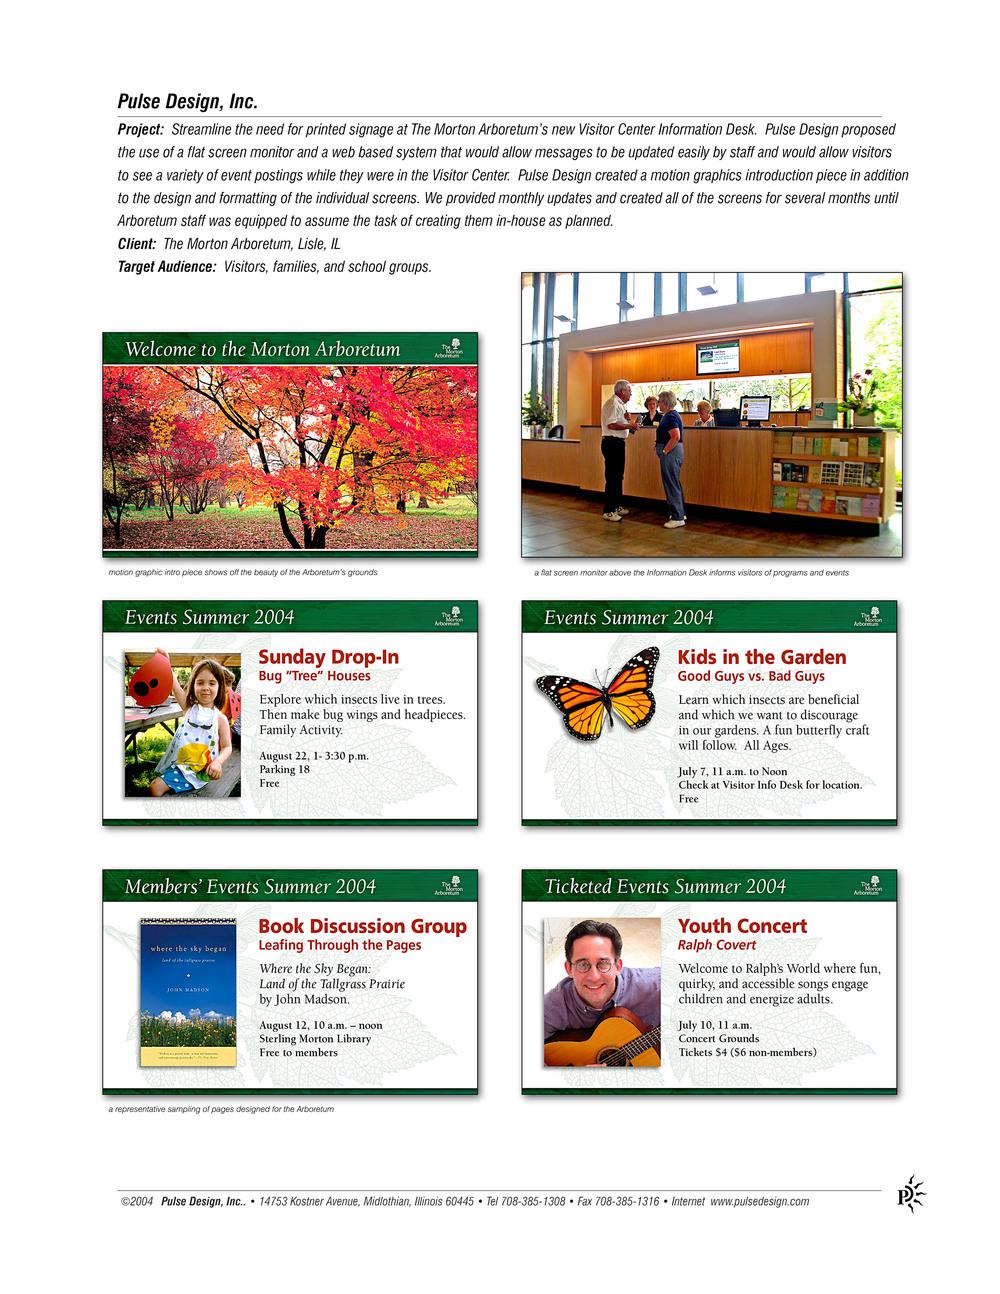 Morton-Arboretum-Message-Screen-Pulse-Design-Inc.jpg